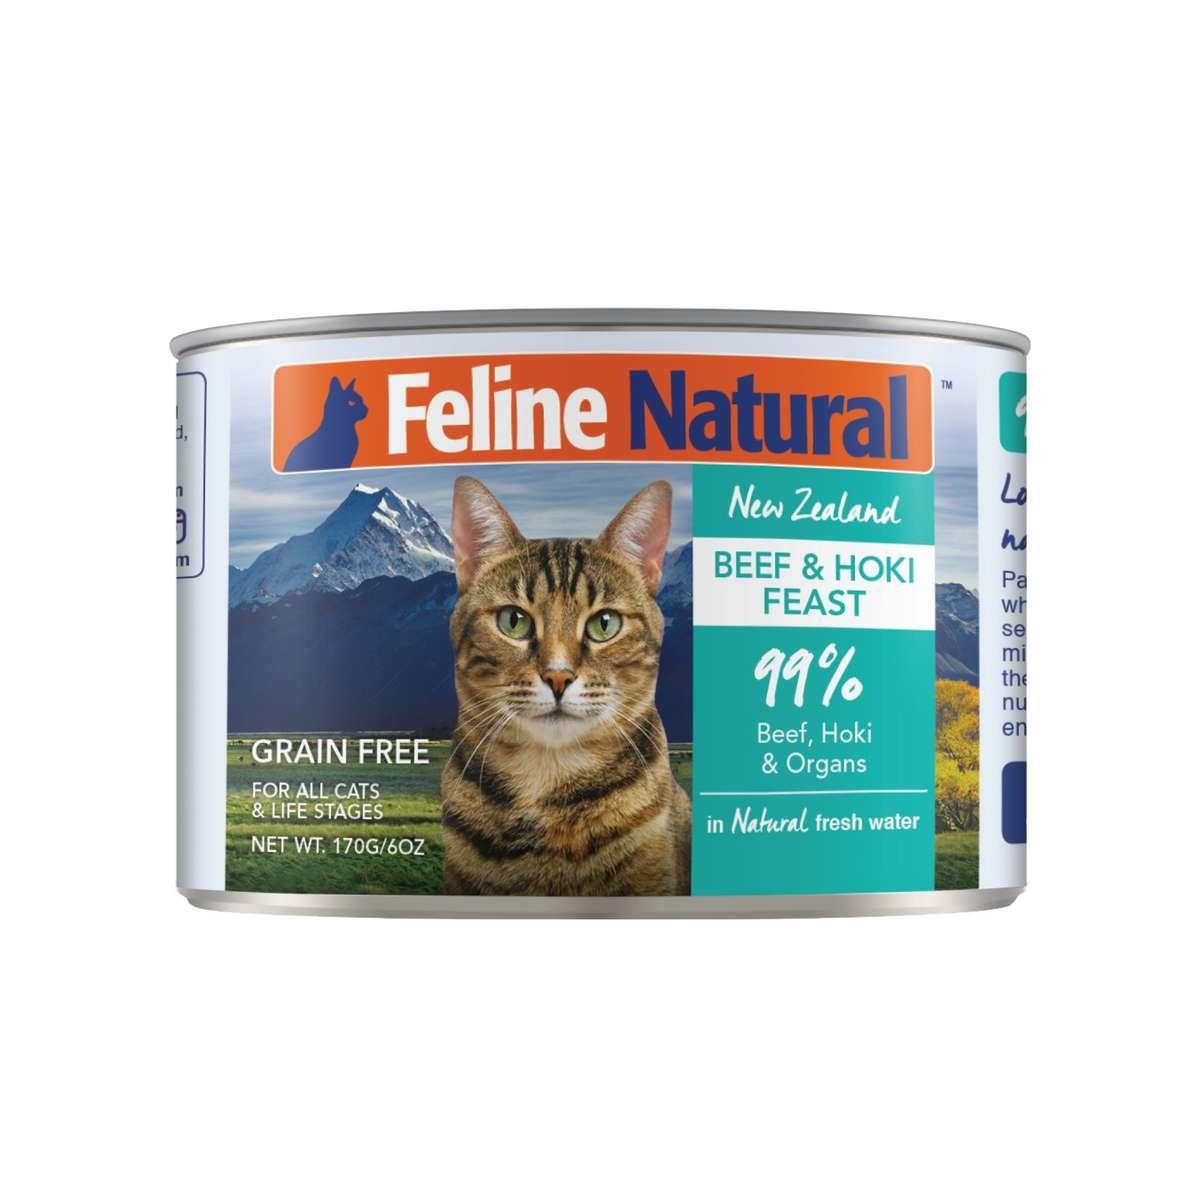 Feline Natural Feline Natural Beef & Hoki Feast Wet Cat Food 3oz